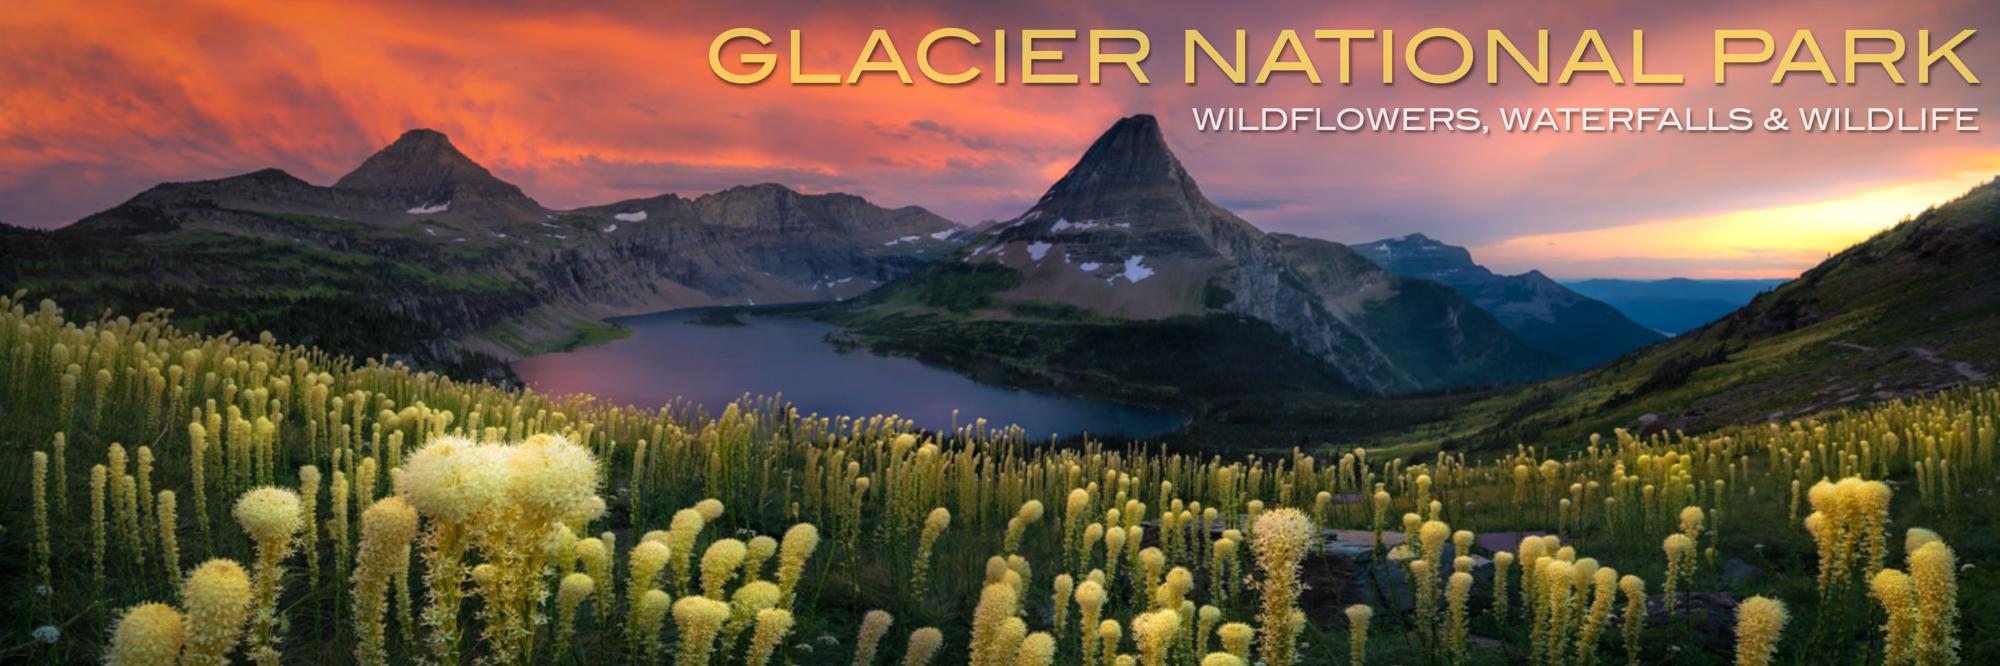 Glacier.Summer2020.BannerforWeb.jpg